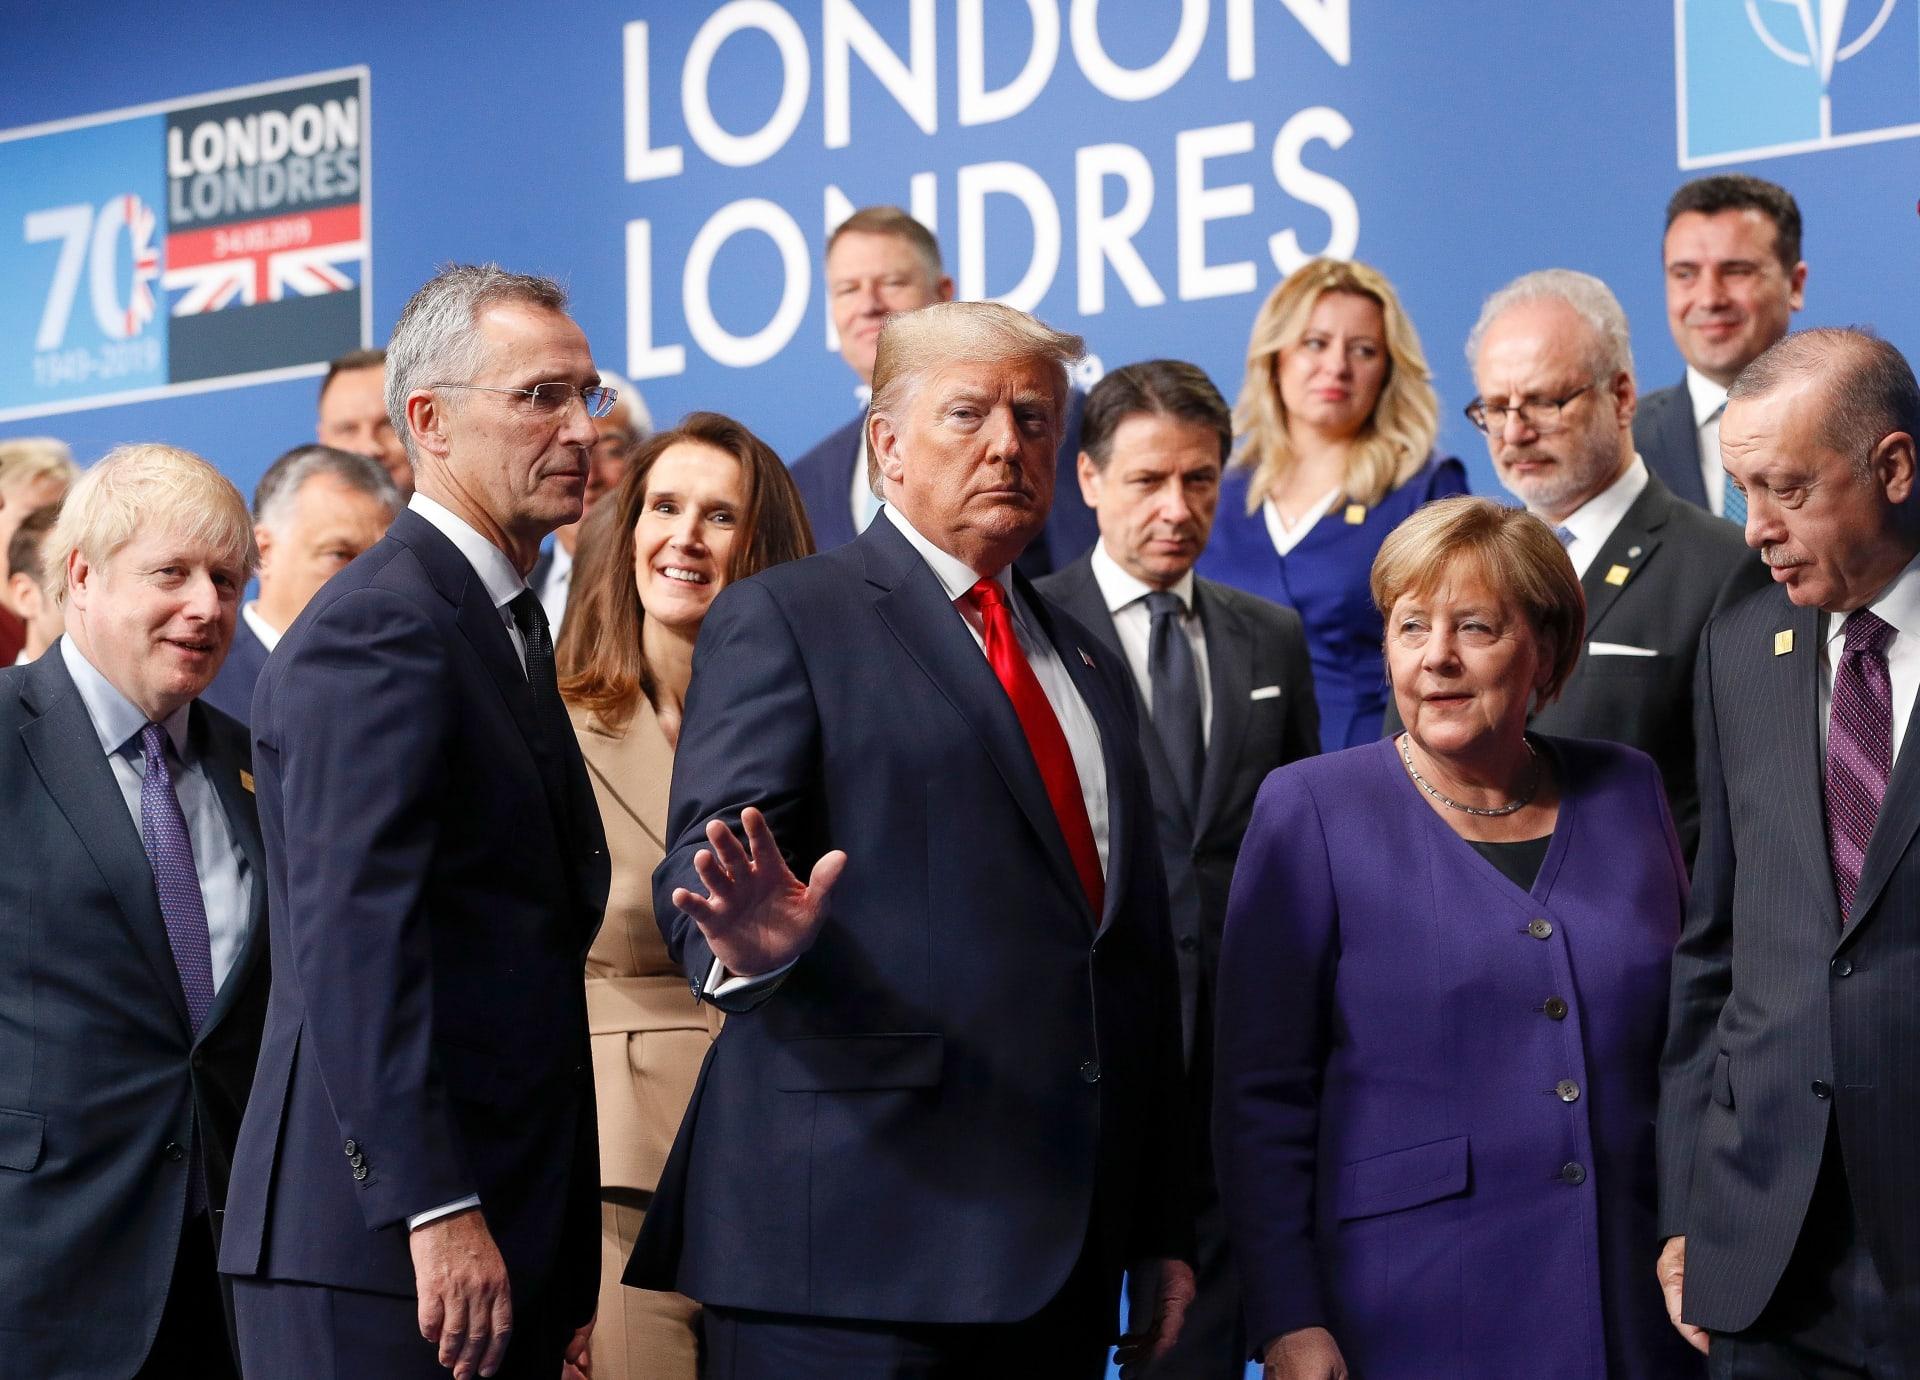 رأي.. طارق عثمان يكتب لـCNN: أربع أسباب تدفع العلاقة الامريكية-الأوروبية إلى لحظة صعبة